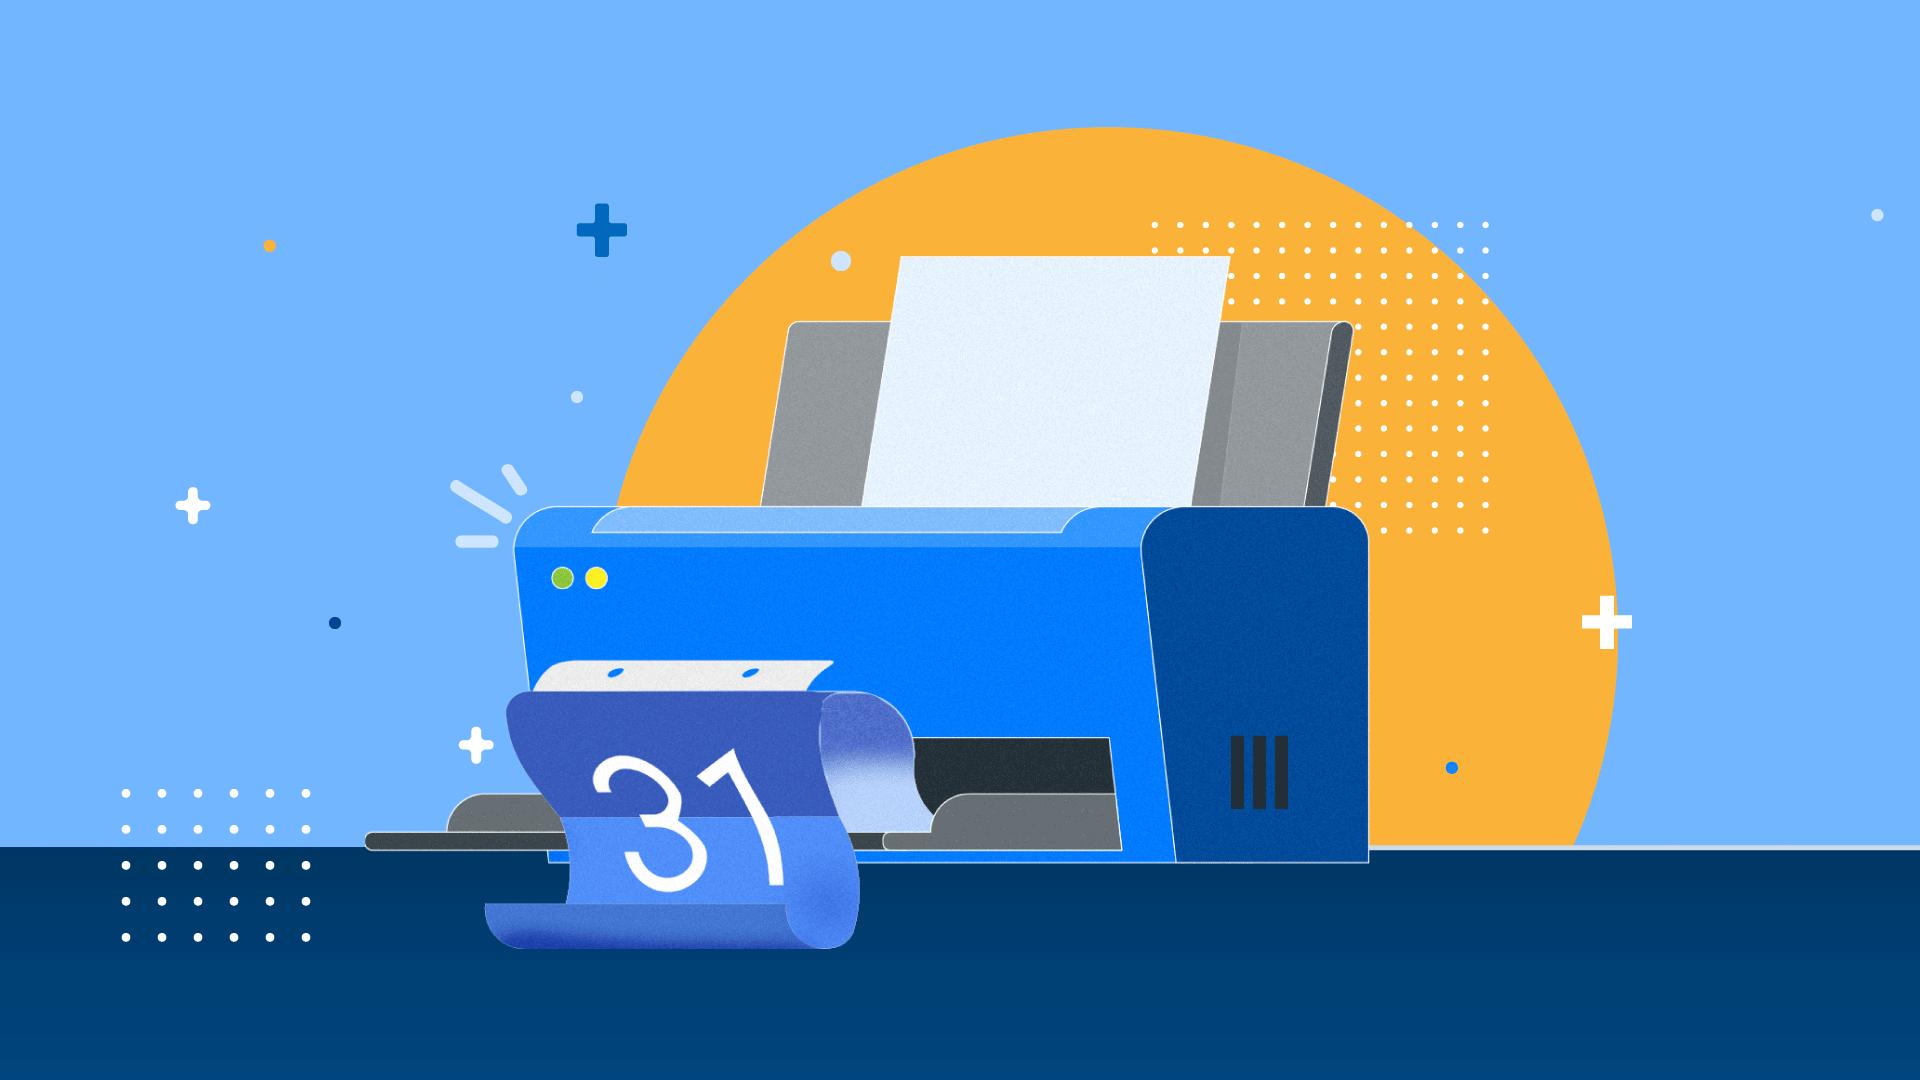 How to print Google Calendar